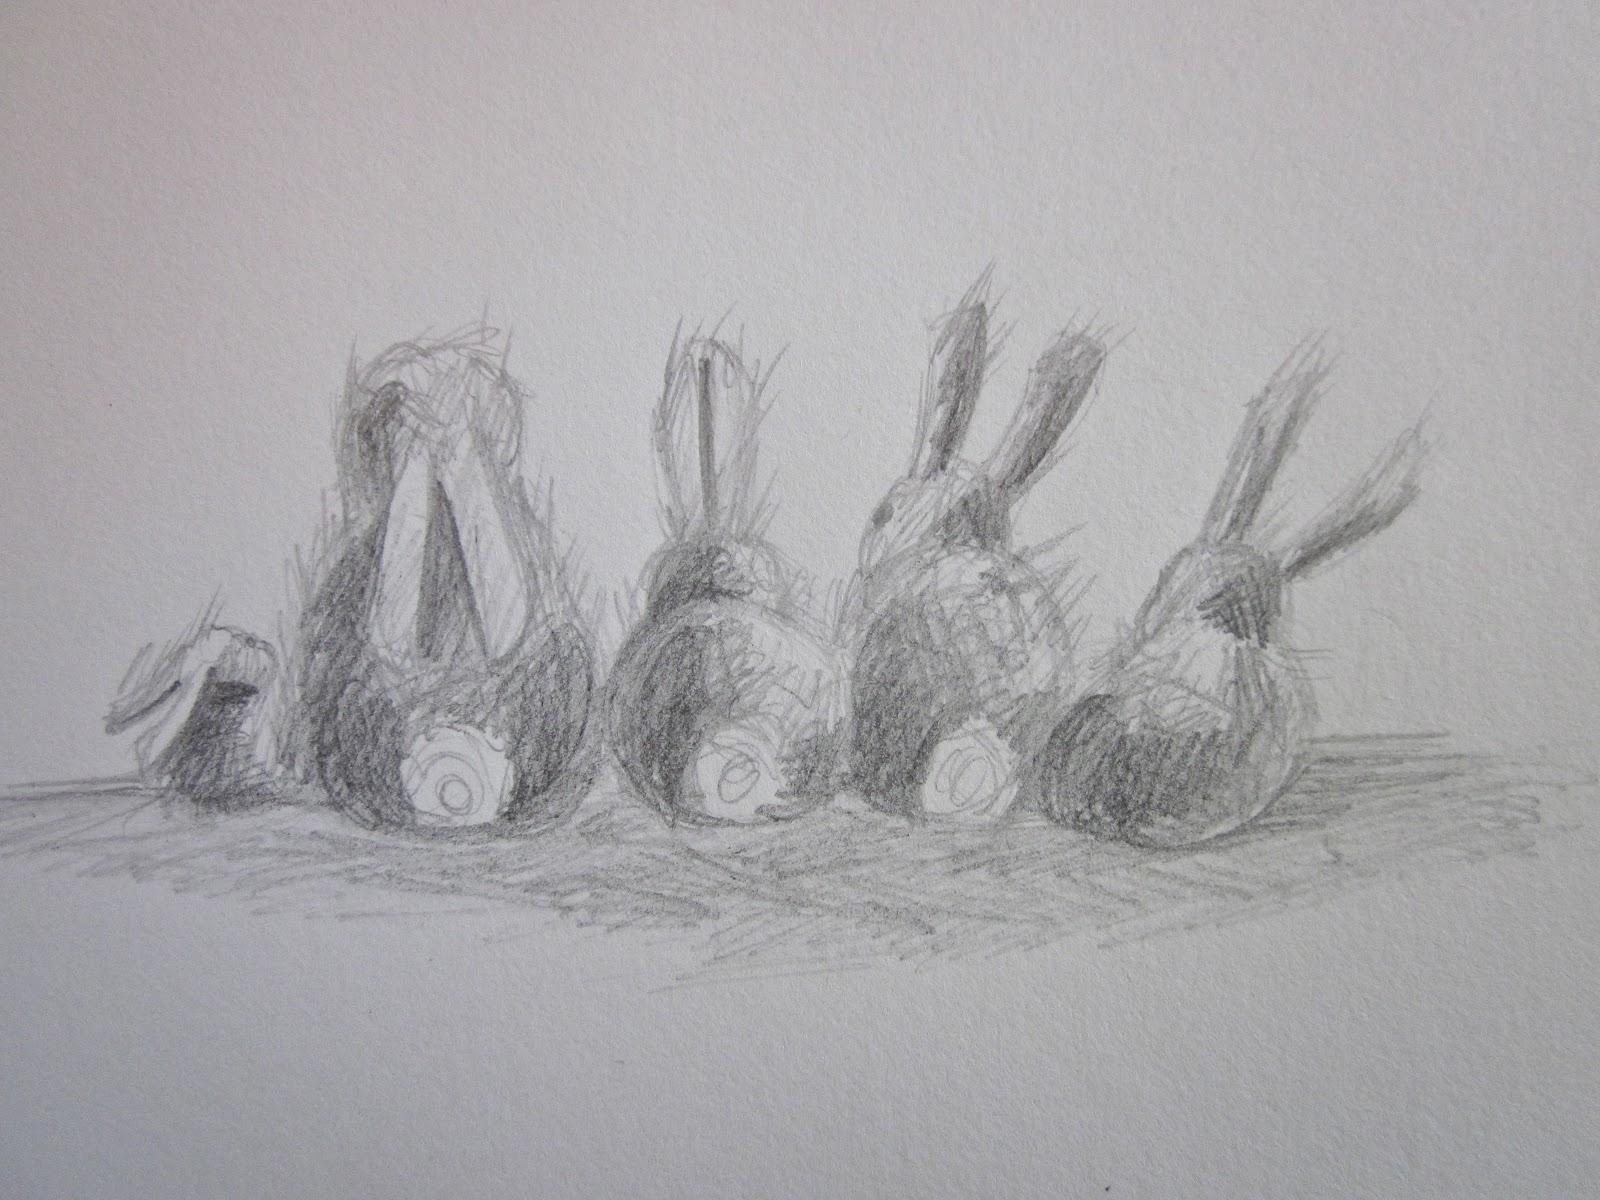 http://3.bp.blogspot.com/-SOfbcRpl2KY/UE-XlRJvQjI/AAAAAAAABwY/SmyXLyGIsOU/s1600/bunnyfam.jpg